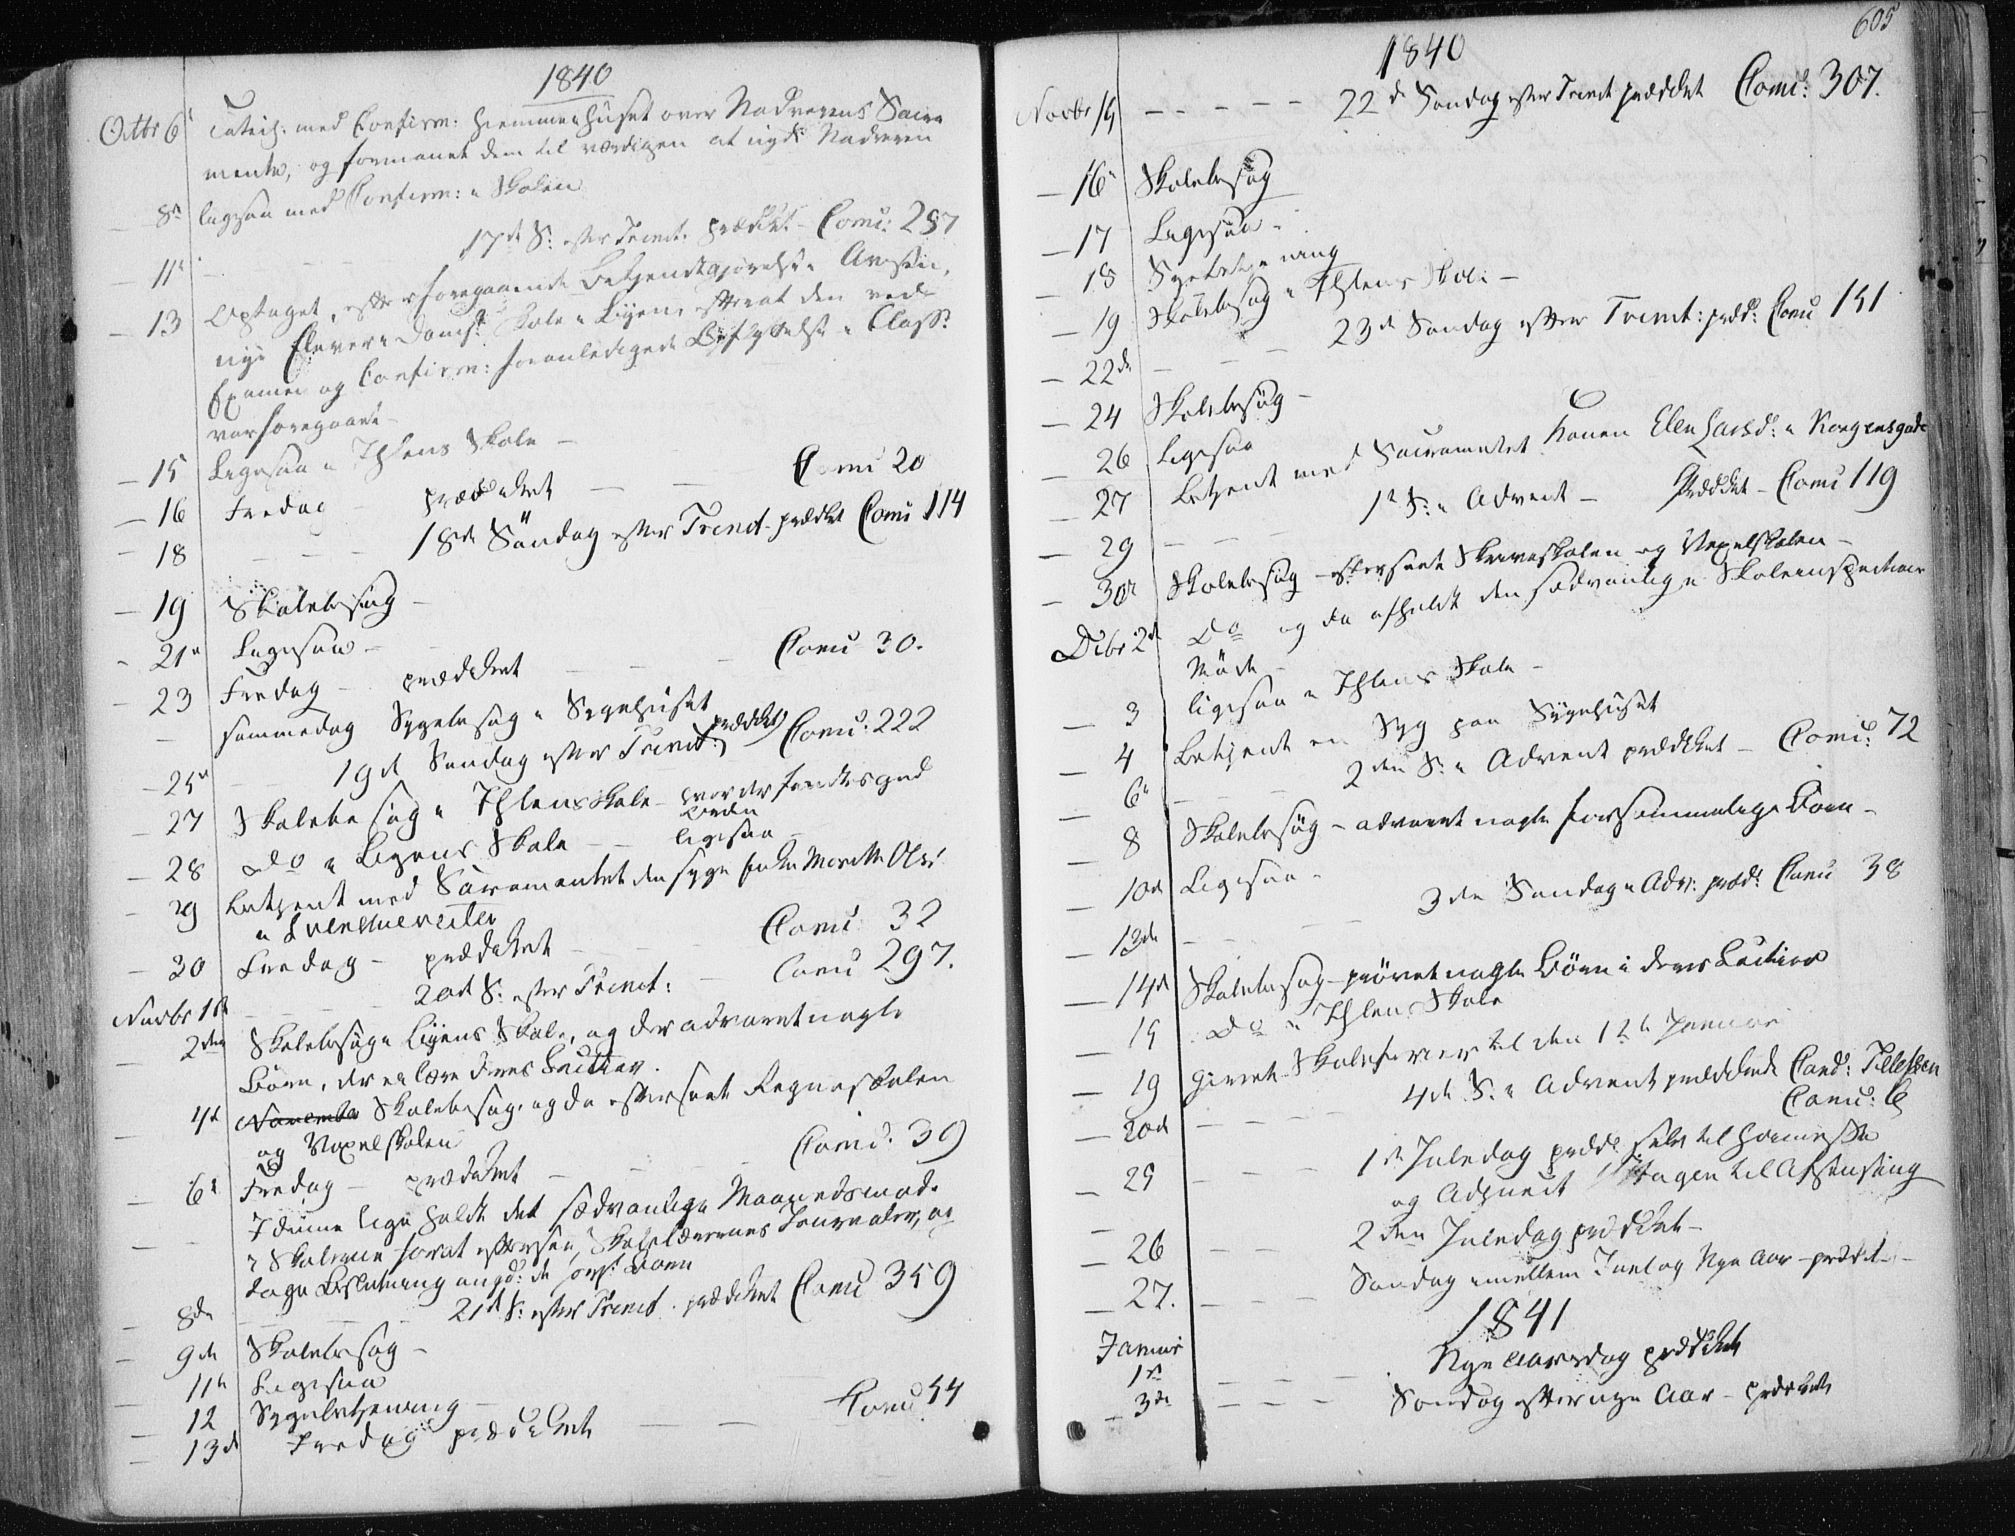 SAT, Ministerialprotokoller, klokkerbøker og fødselsregistre - Sør-Trøndelag, 601/L0049: Ministerialbok nr. 601A17, 1839-1847, s. 605